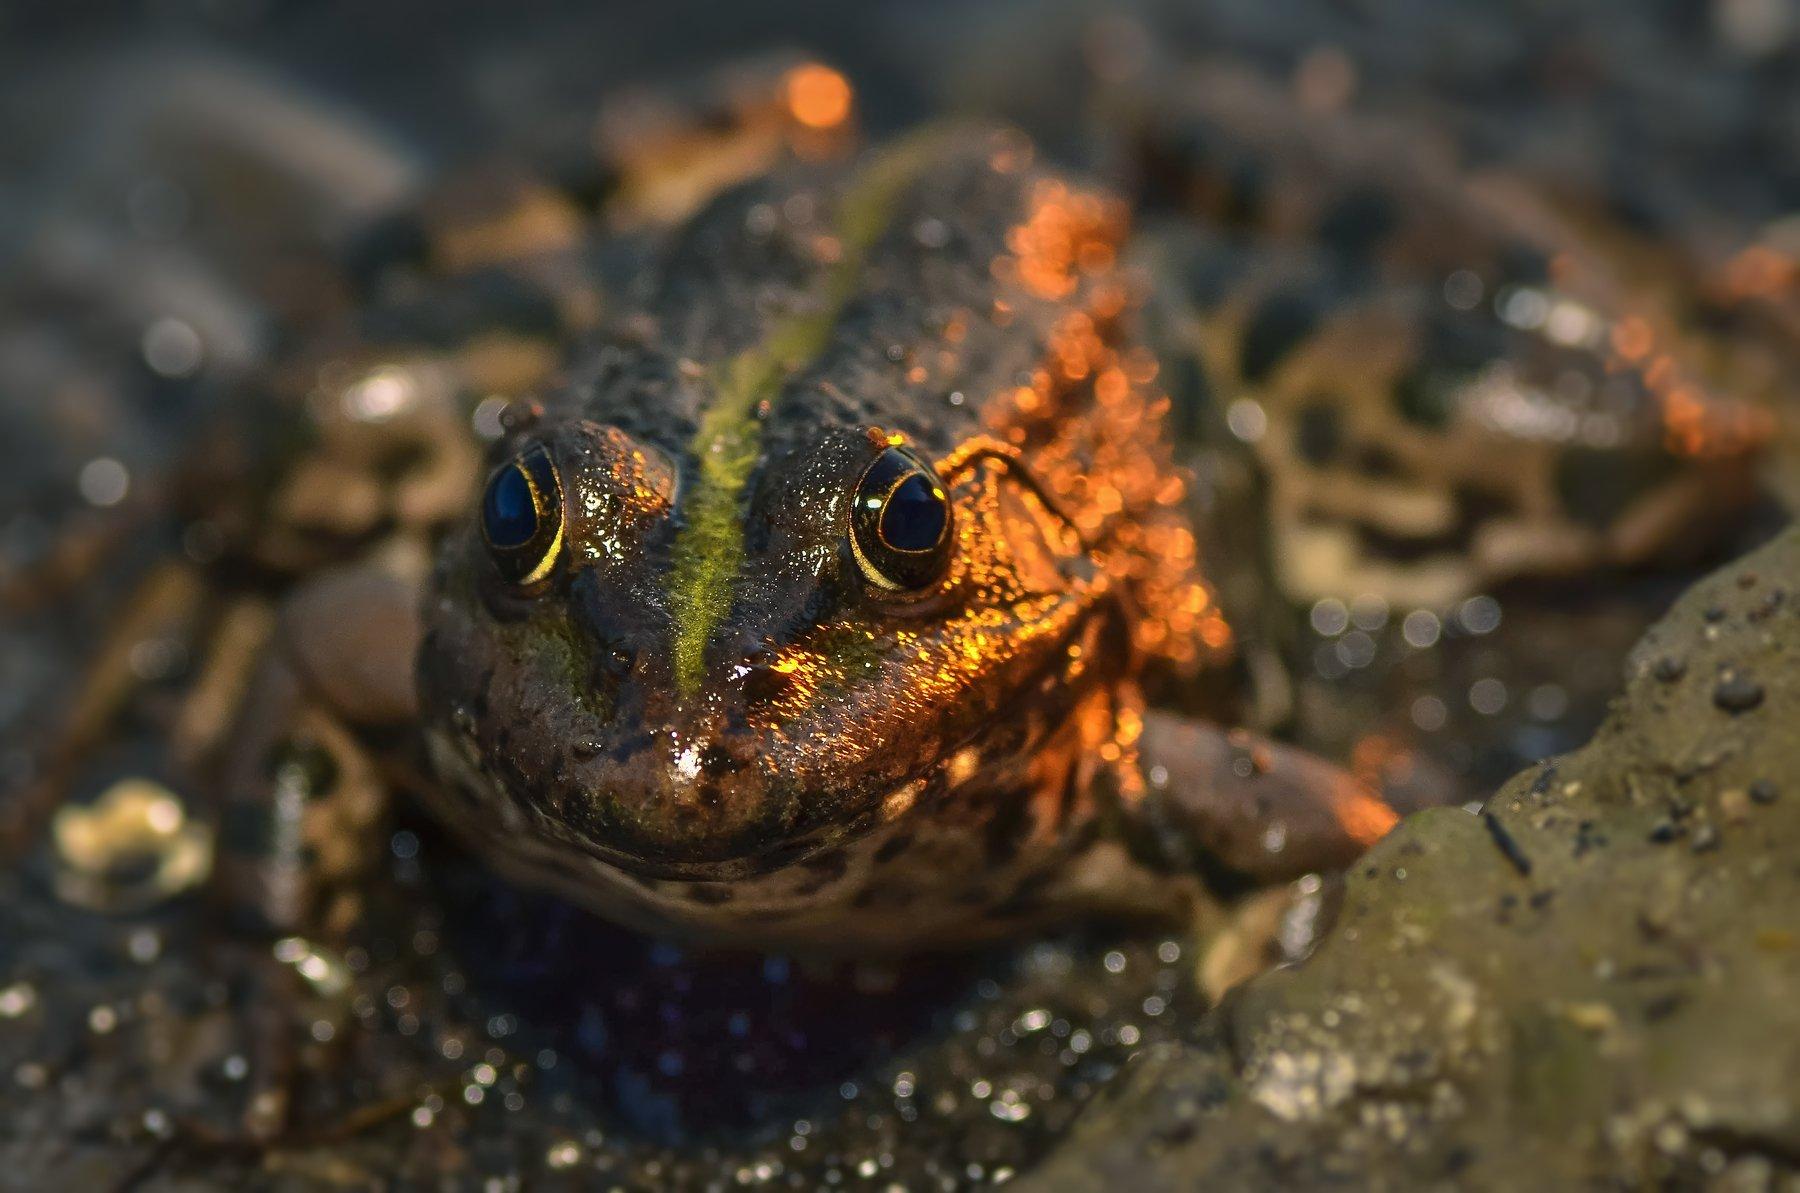 лягушка,жаба,взгляд,река,природа,прыжок,зелёная, Володин Владимир